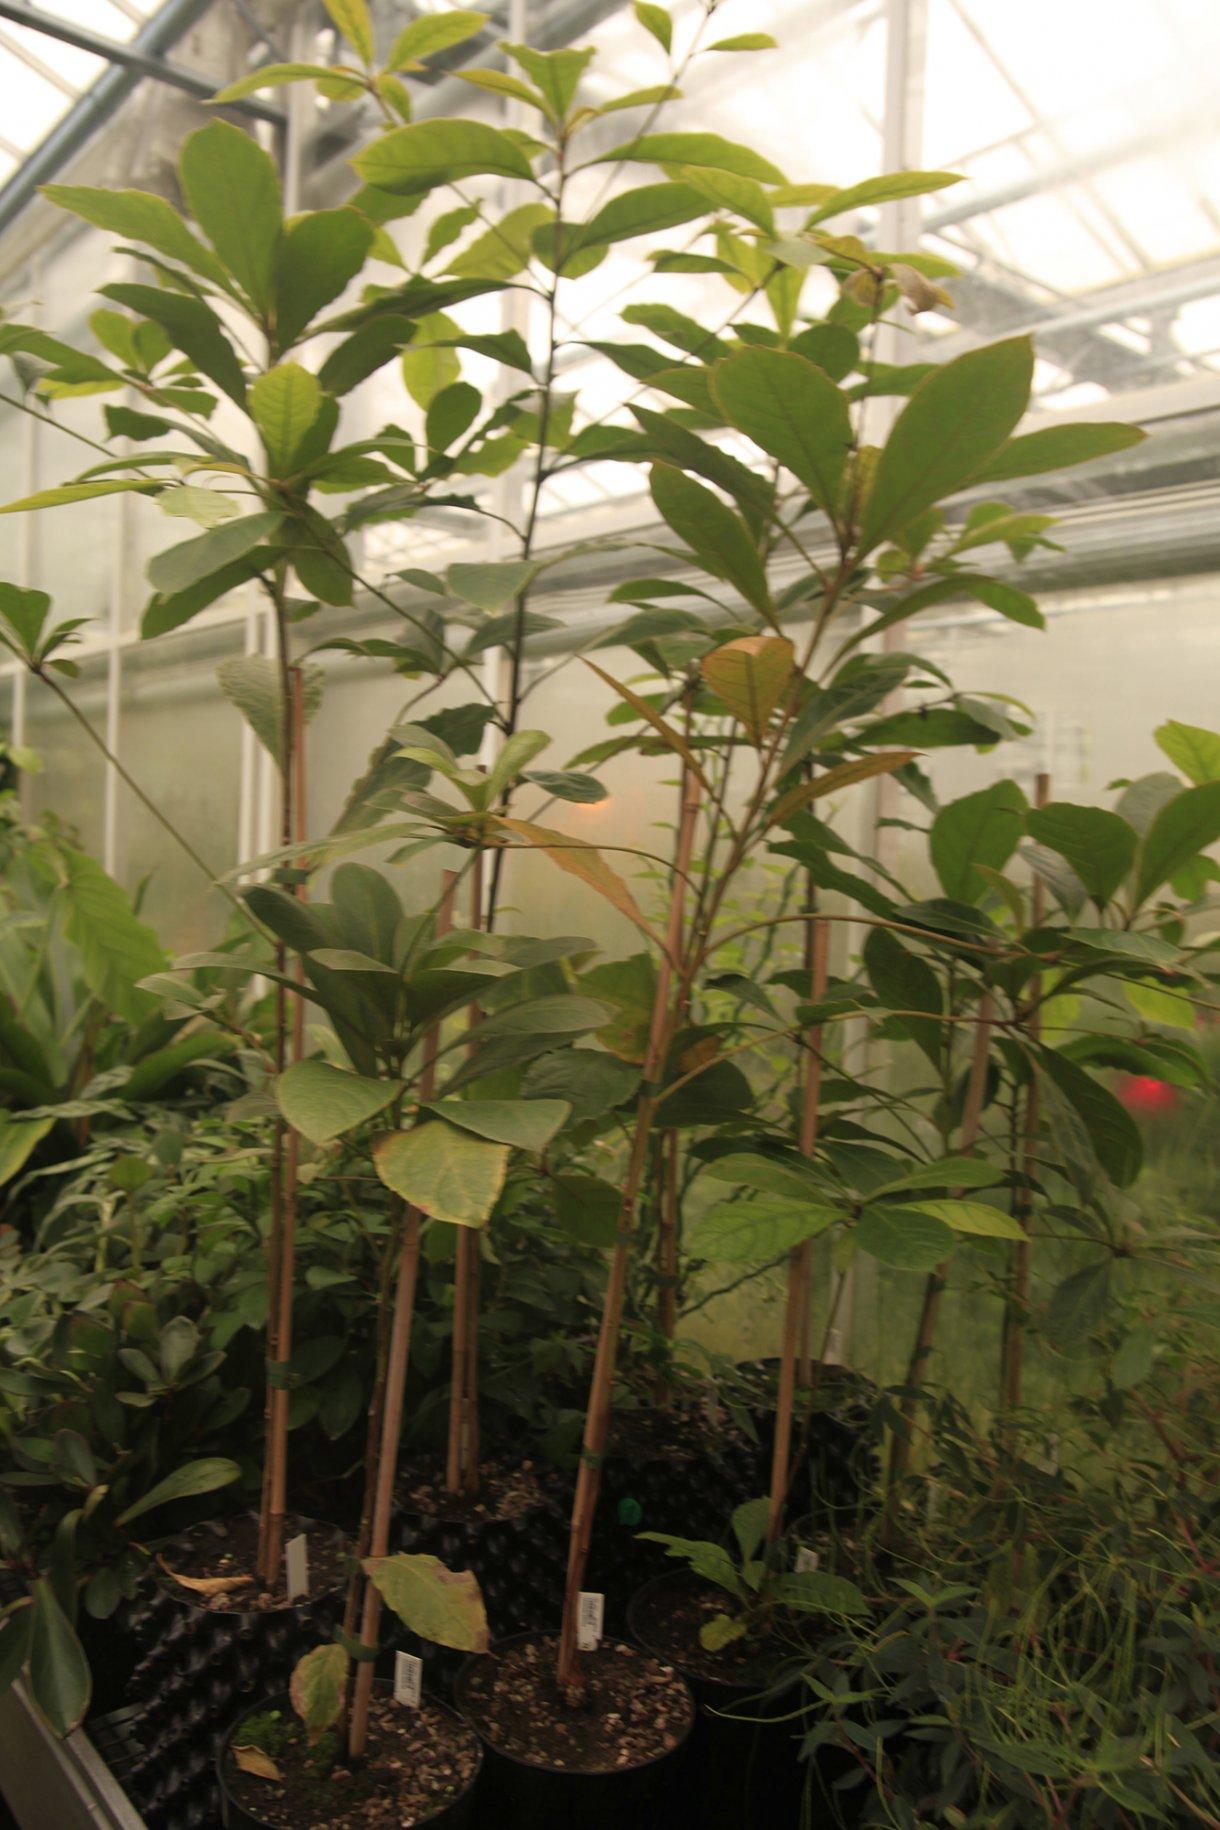 Seedlings  Ackroyd  Harvey  Conflicted Seeds  Spirit  Cambridge